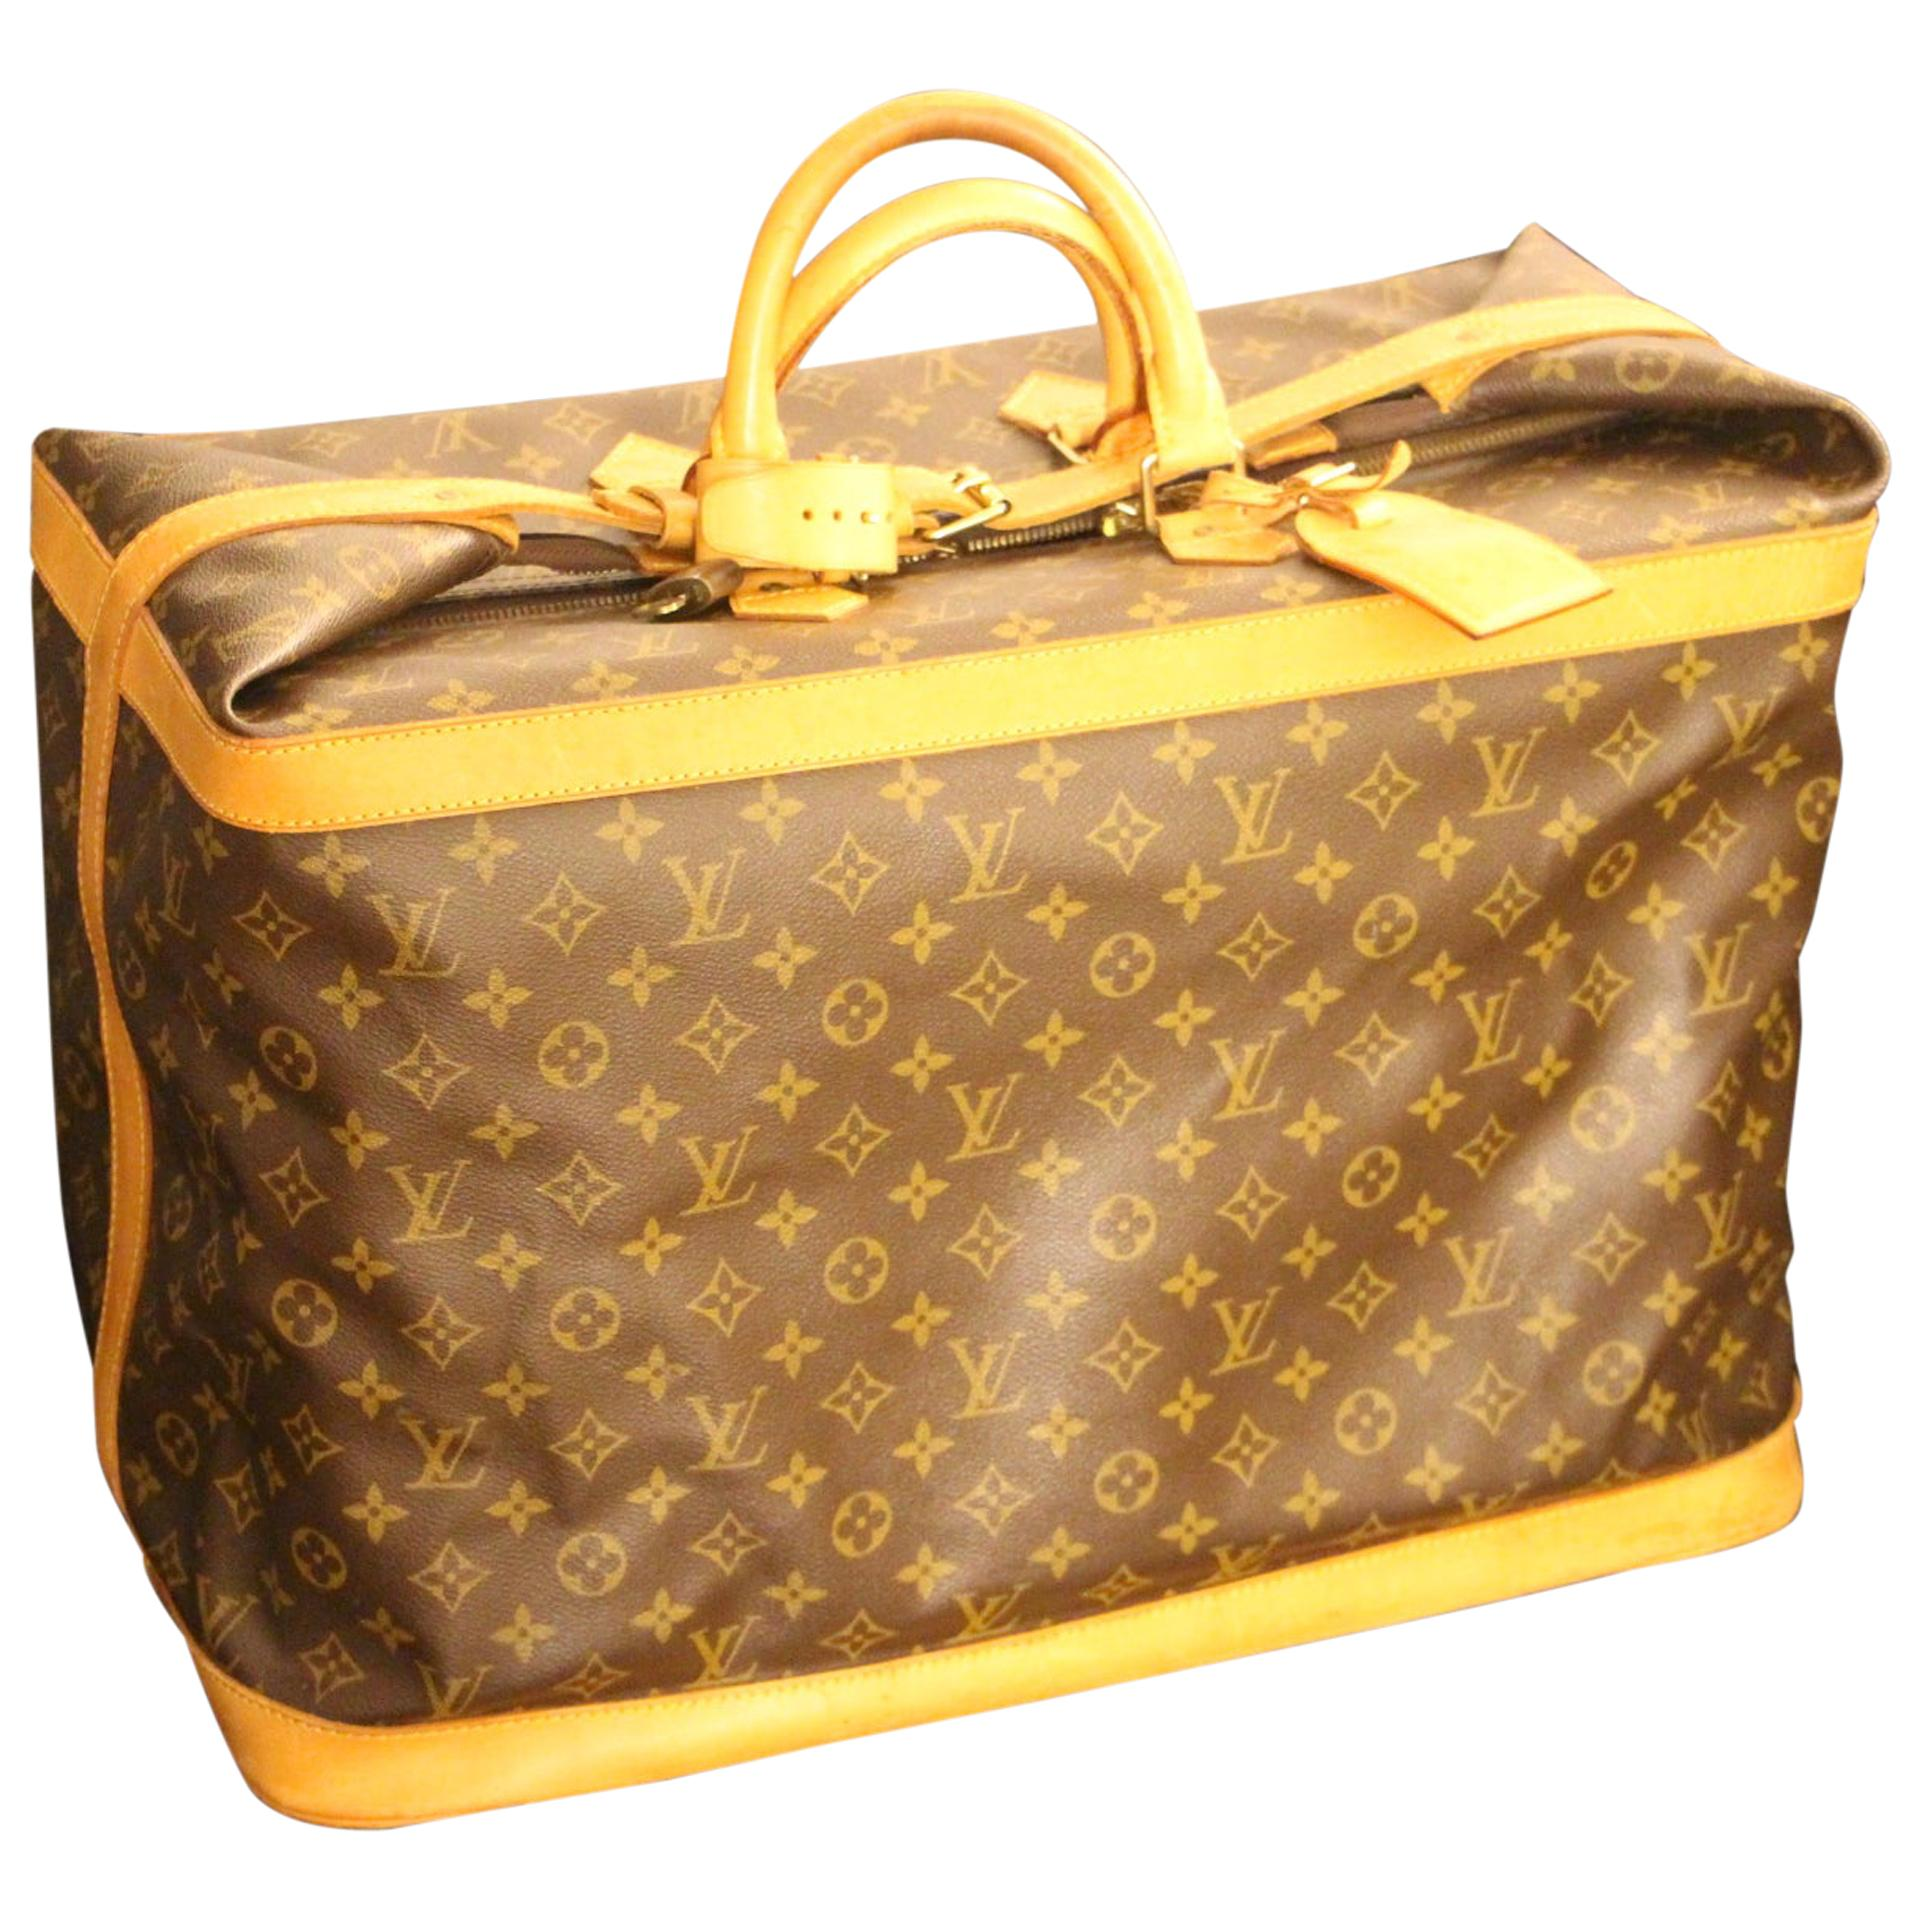 Large Louis Vuitton Bag 50, Large Louis Vuitton Duffle Bag,Louis Vuitton Travel